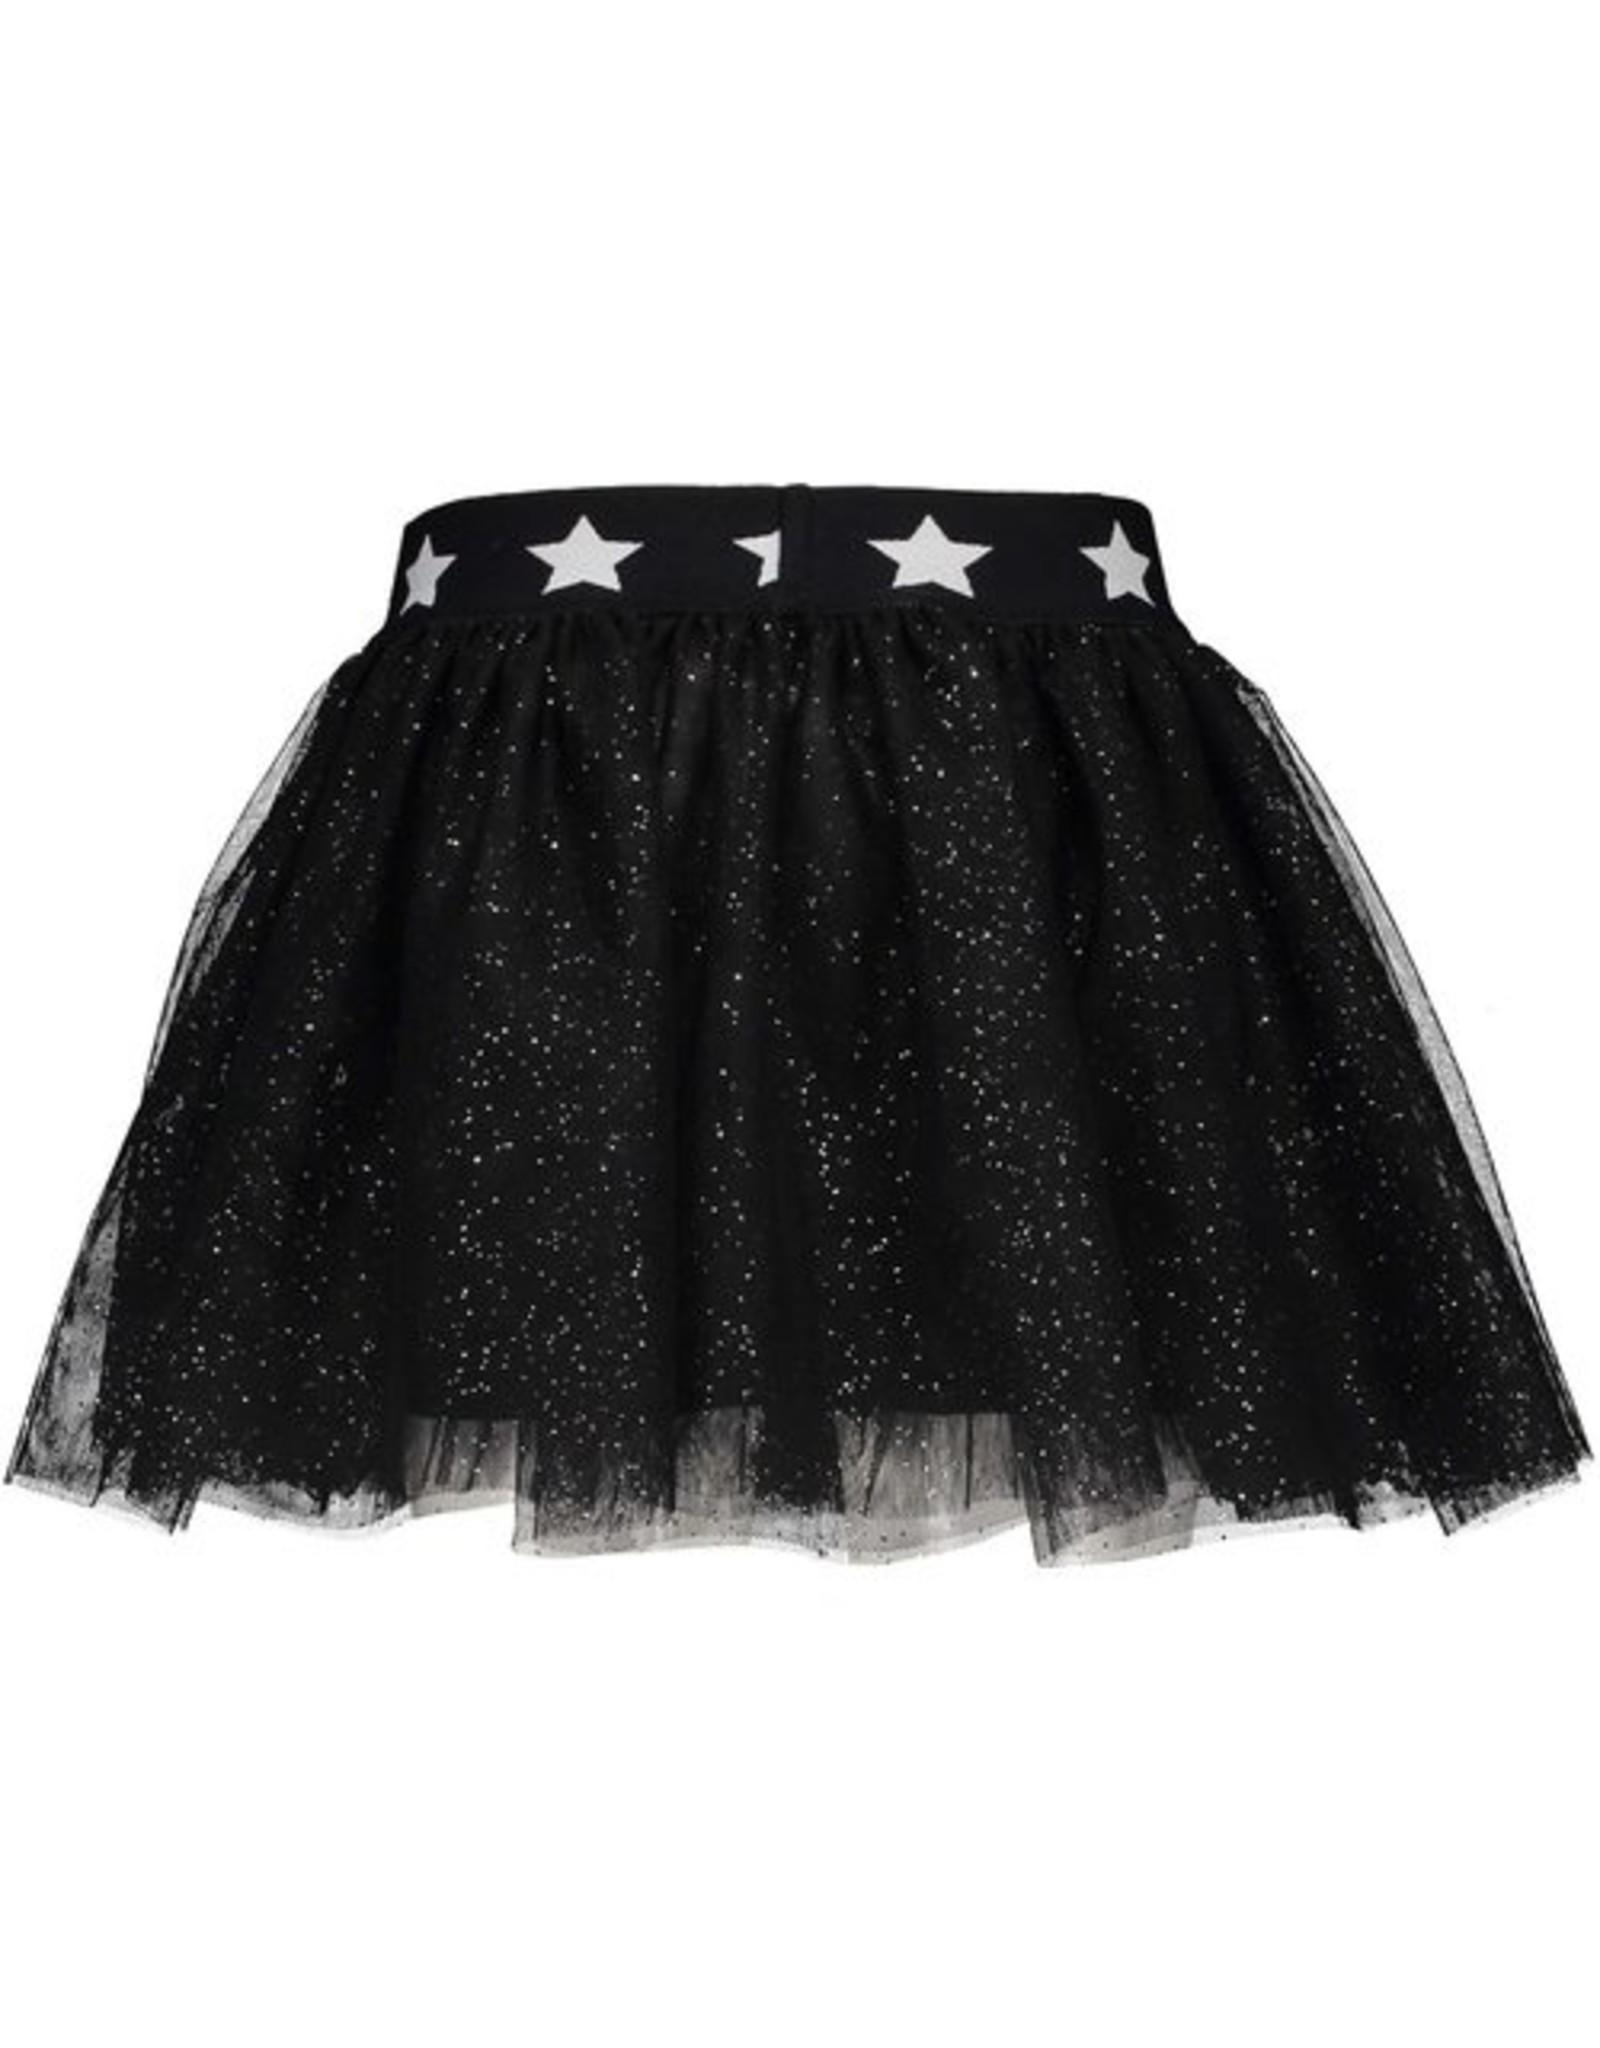 B.Nosy Girls glitter netting skirt